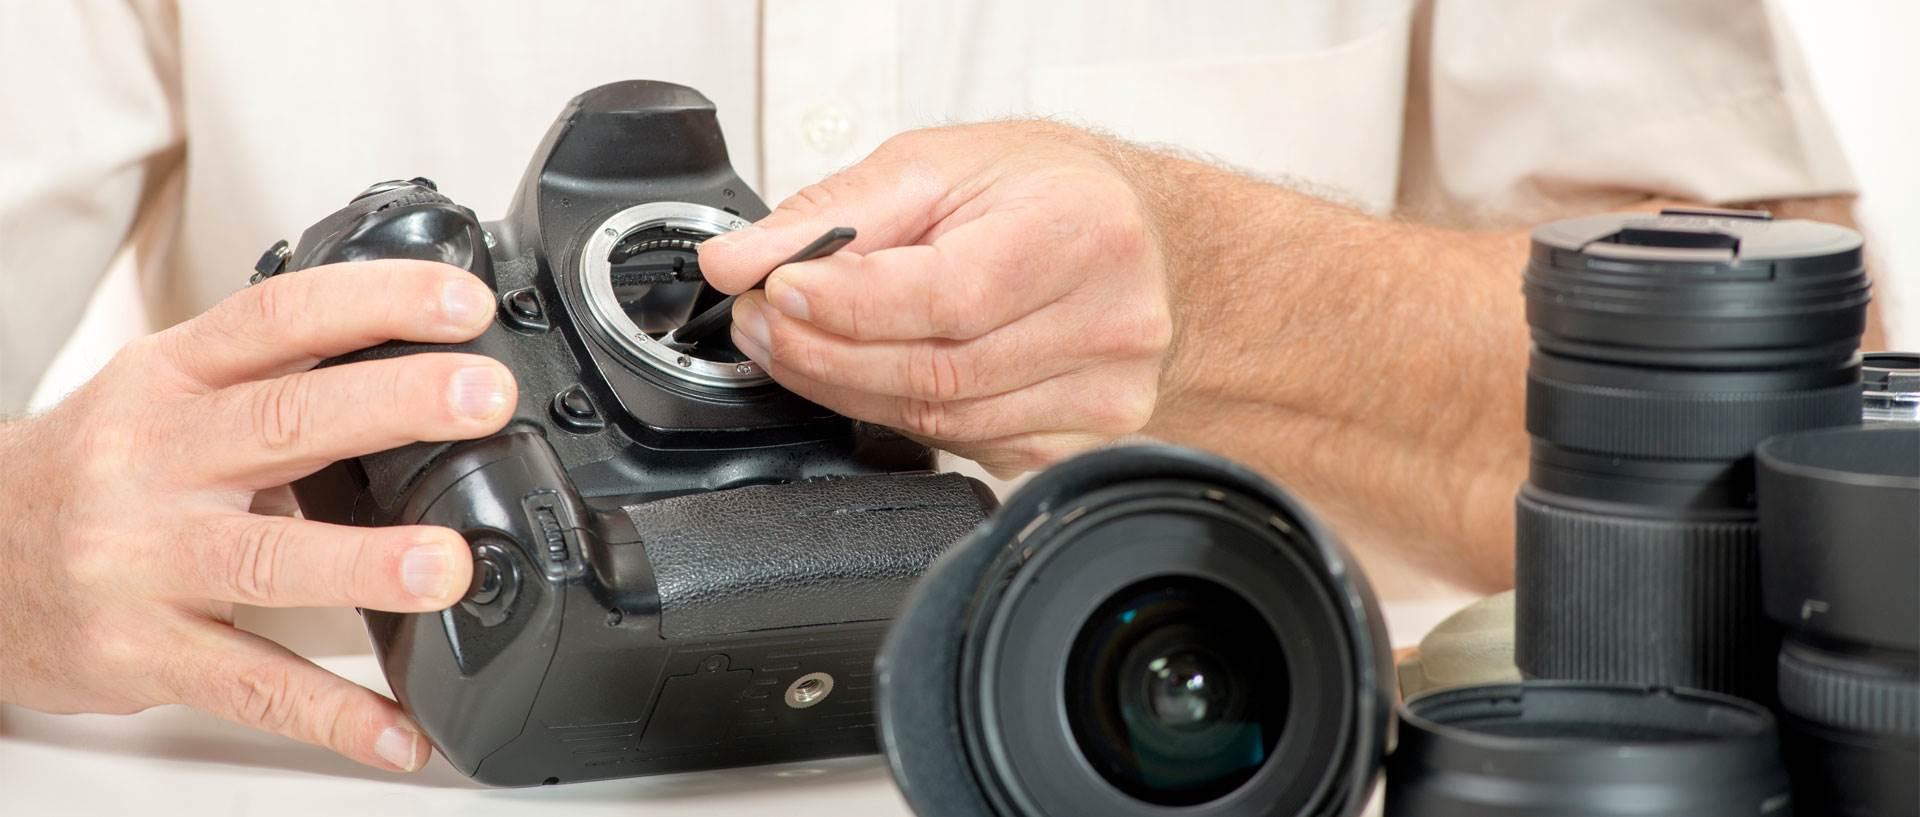 Επισκευή Φωτογραφικής Μηχανής